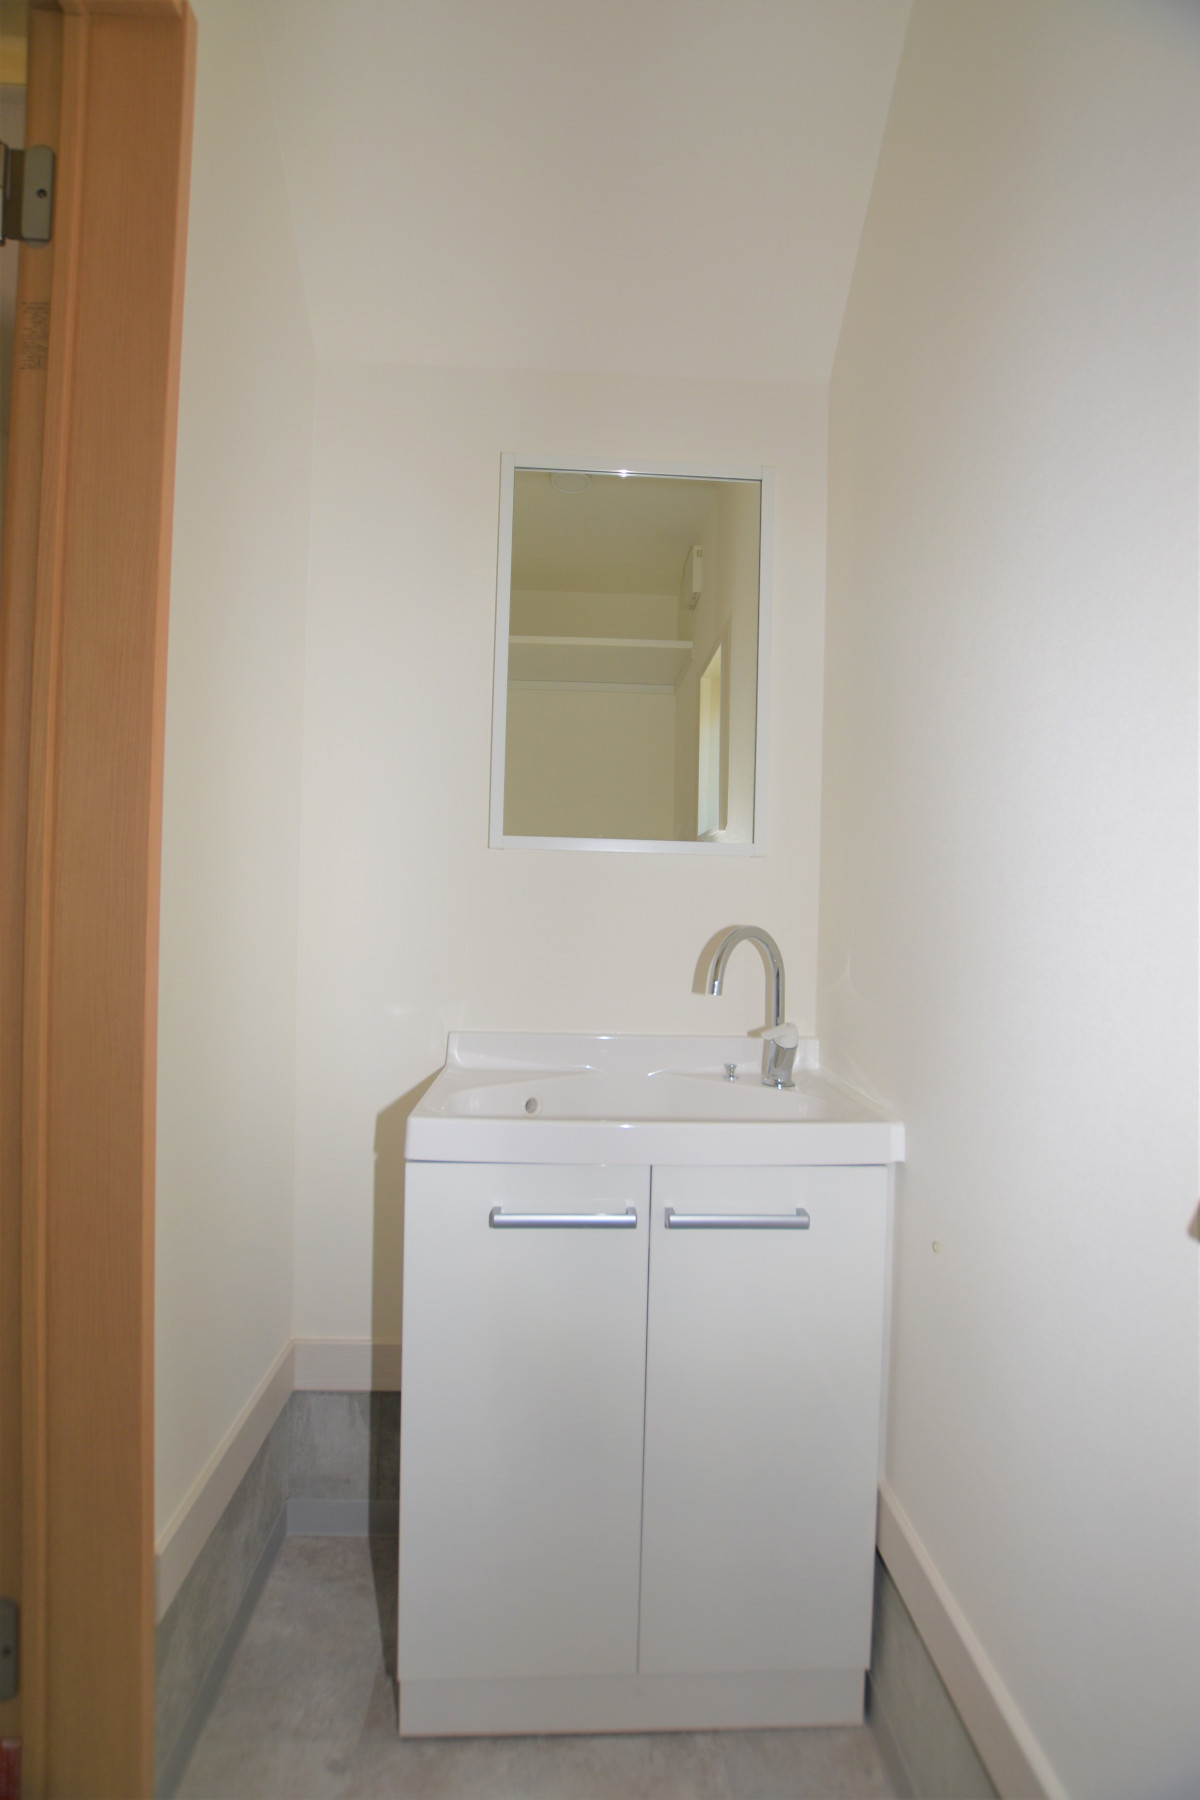 トイレの向かいに洗面台があります。